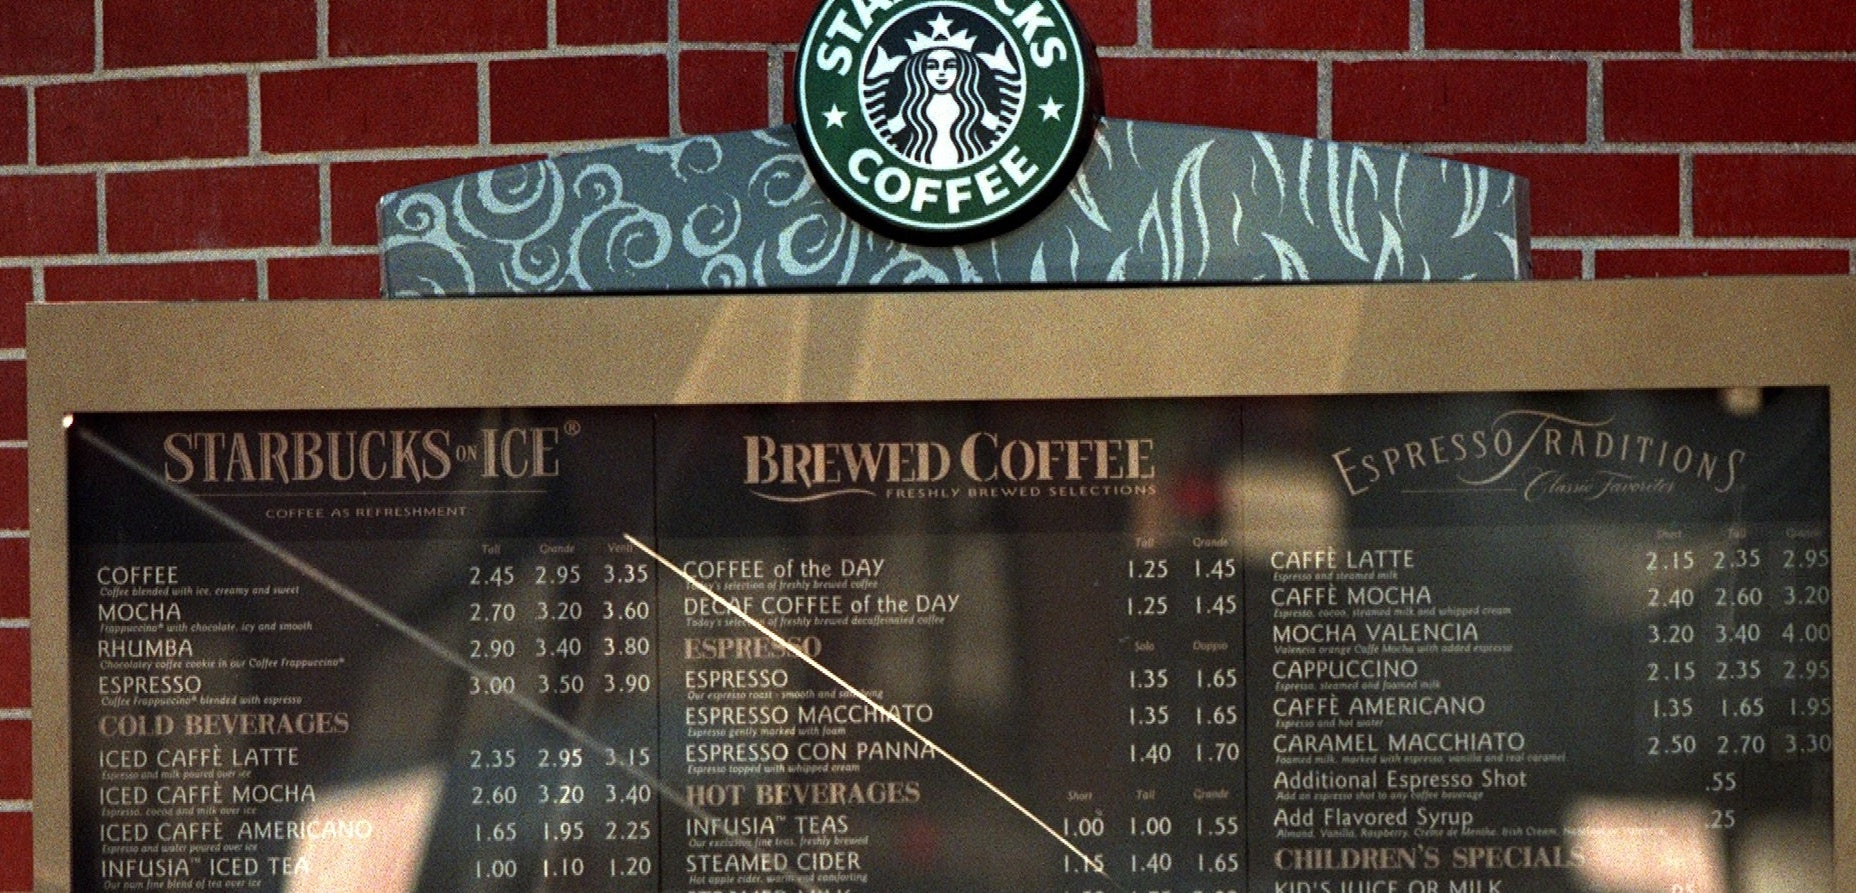 Starbucks menu in a drive-thru